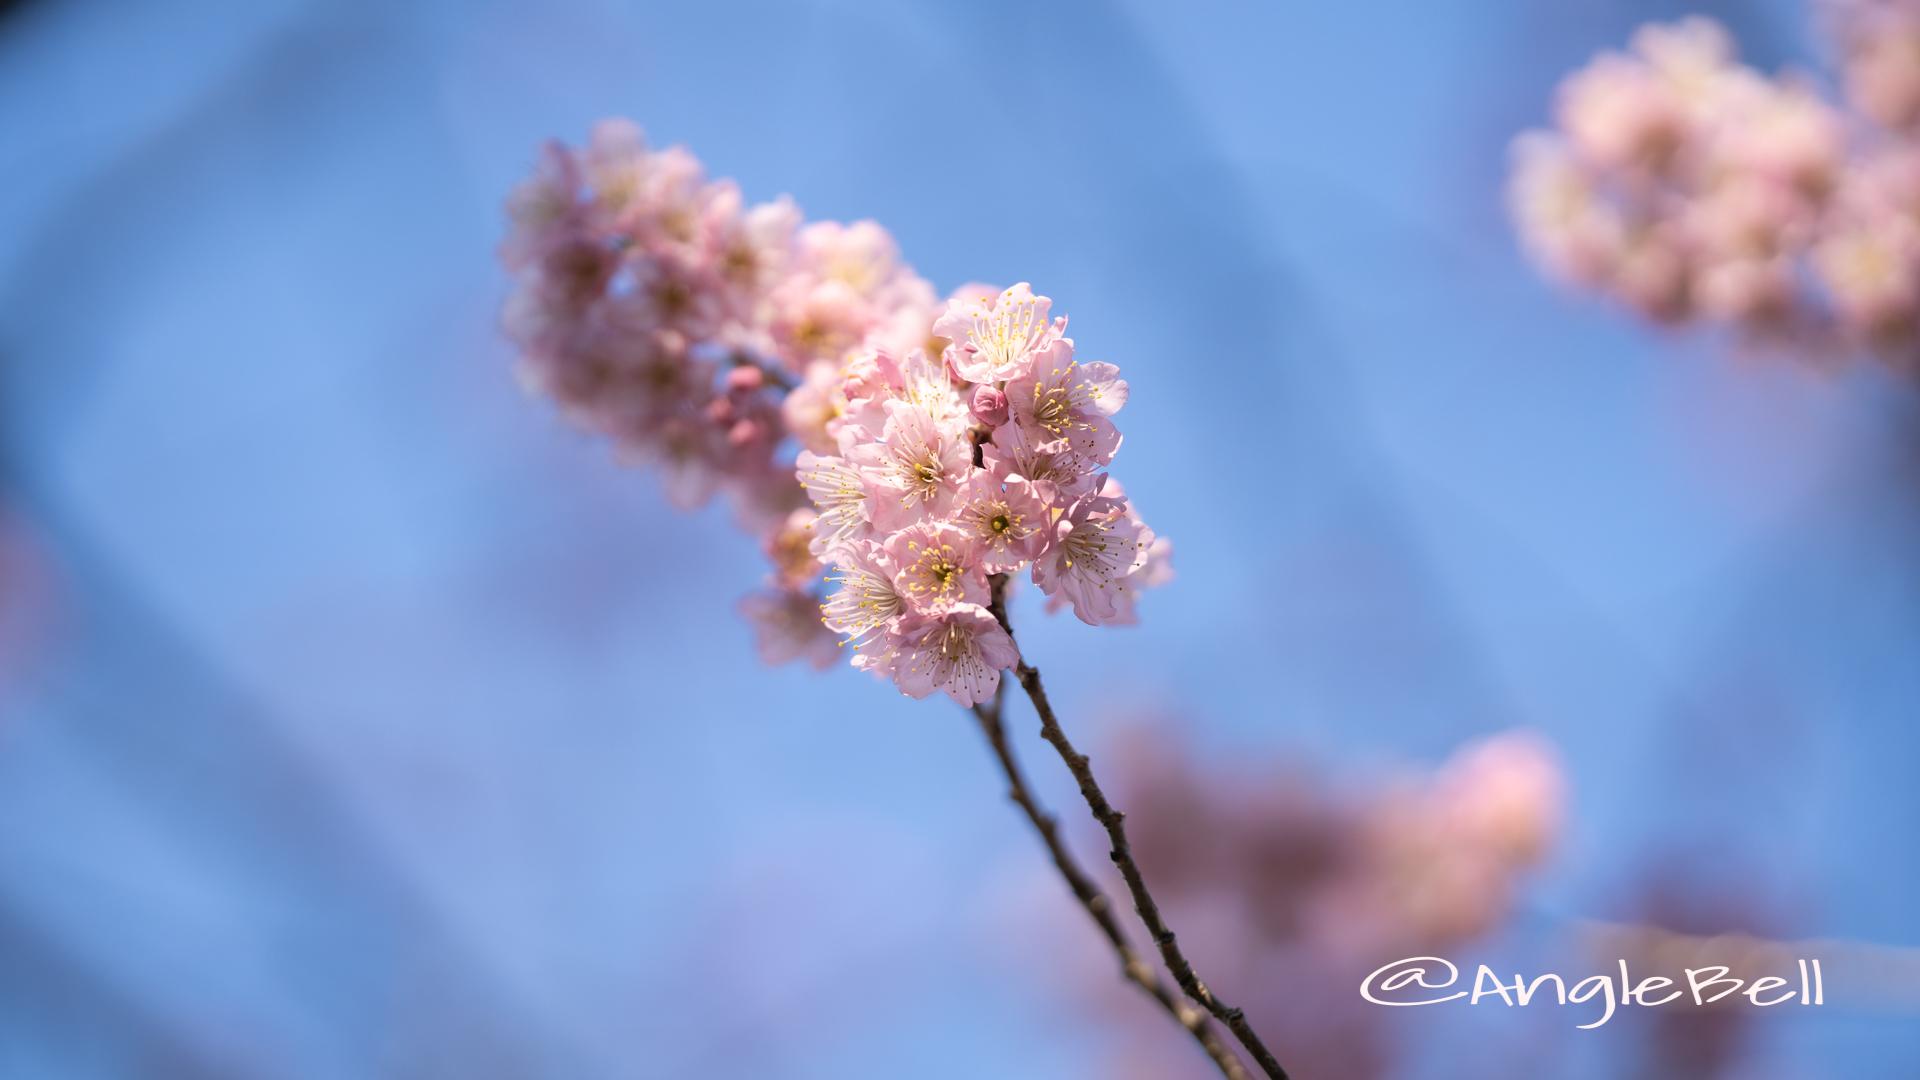 ツバキカンザクラ 椿寒桜Flower Photo2020_2